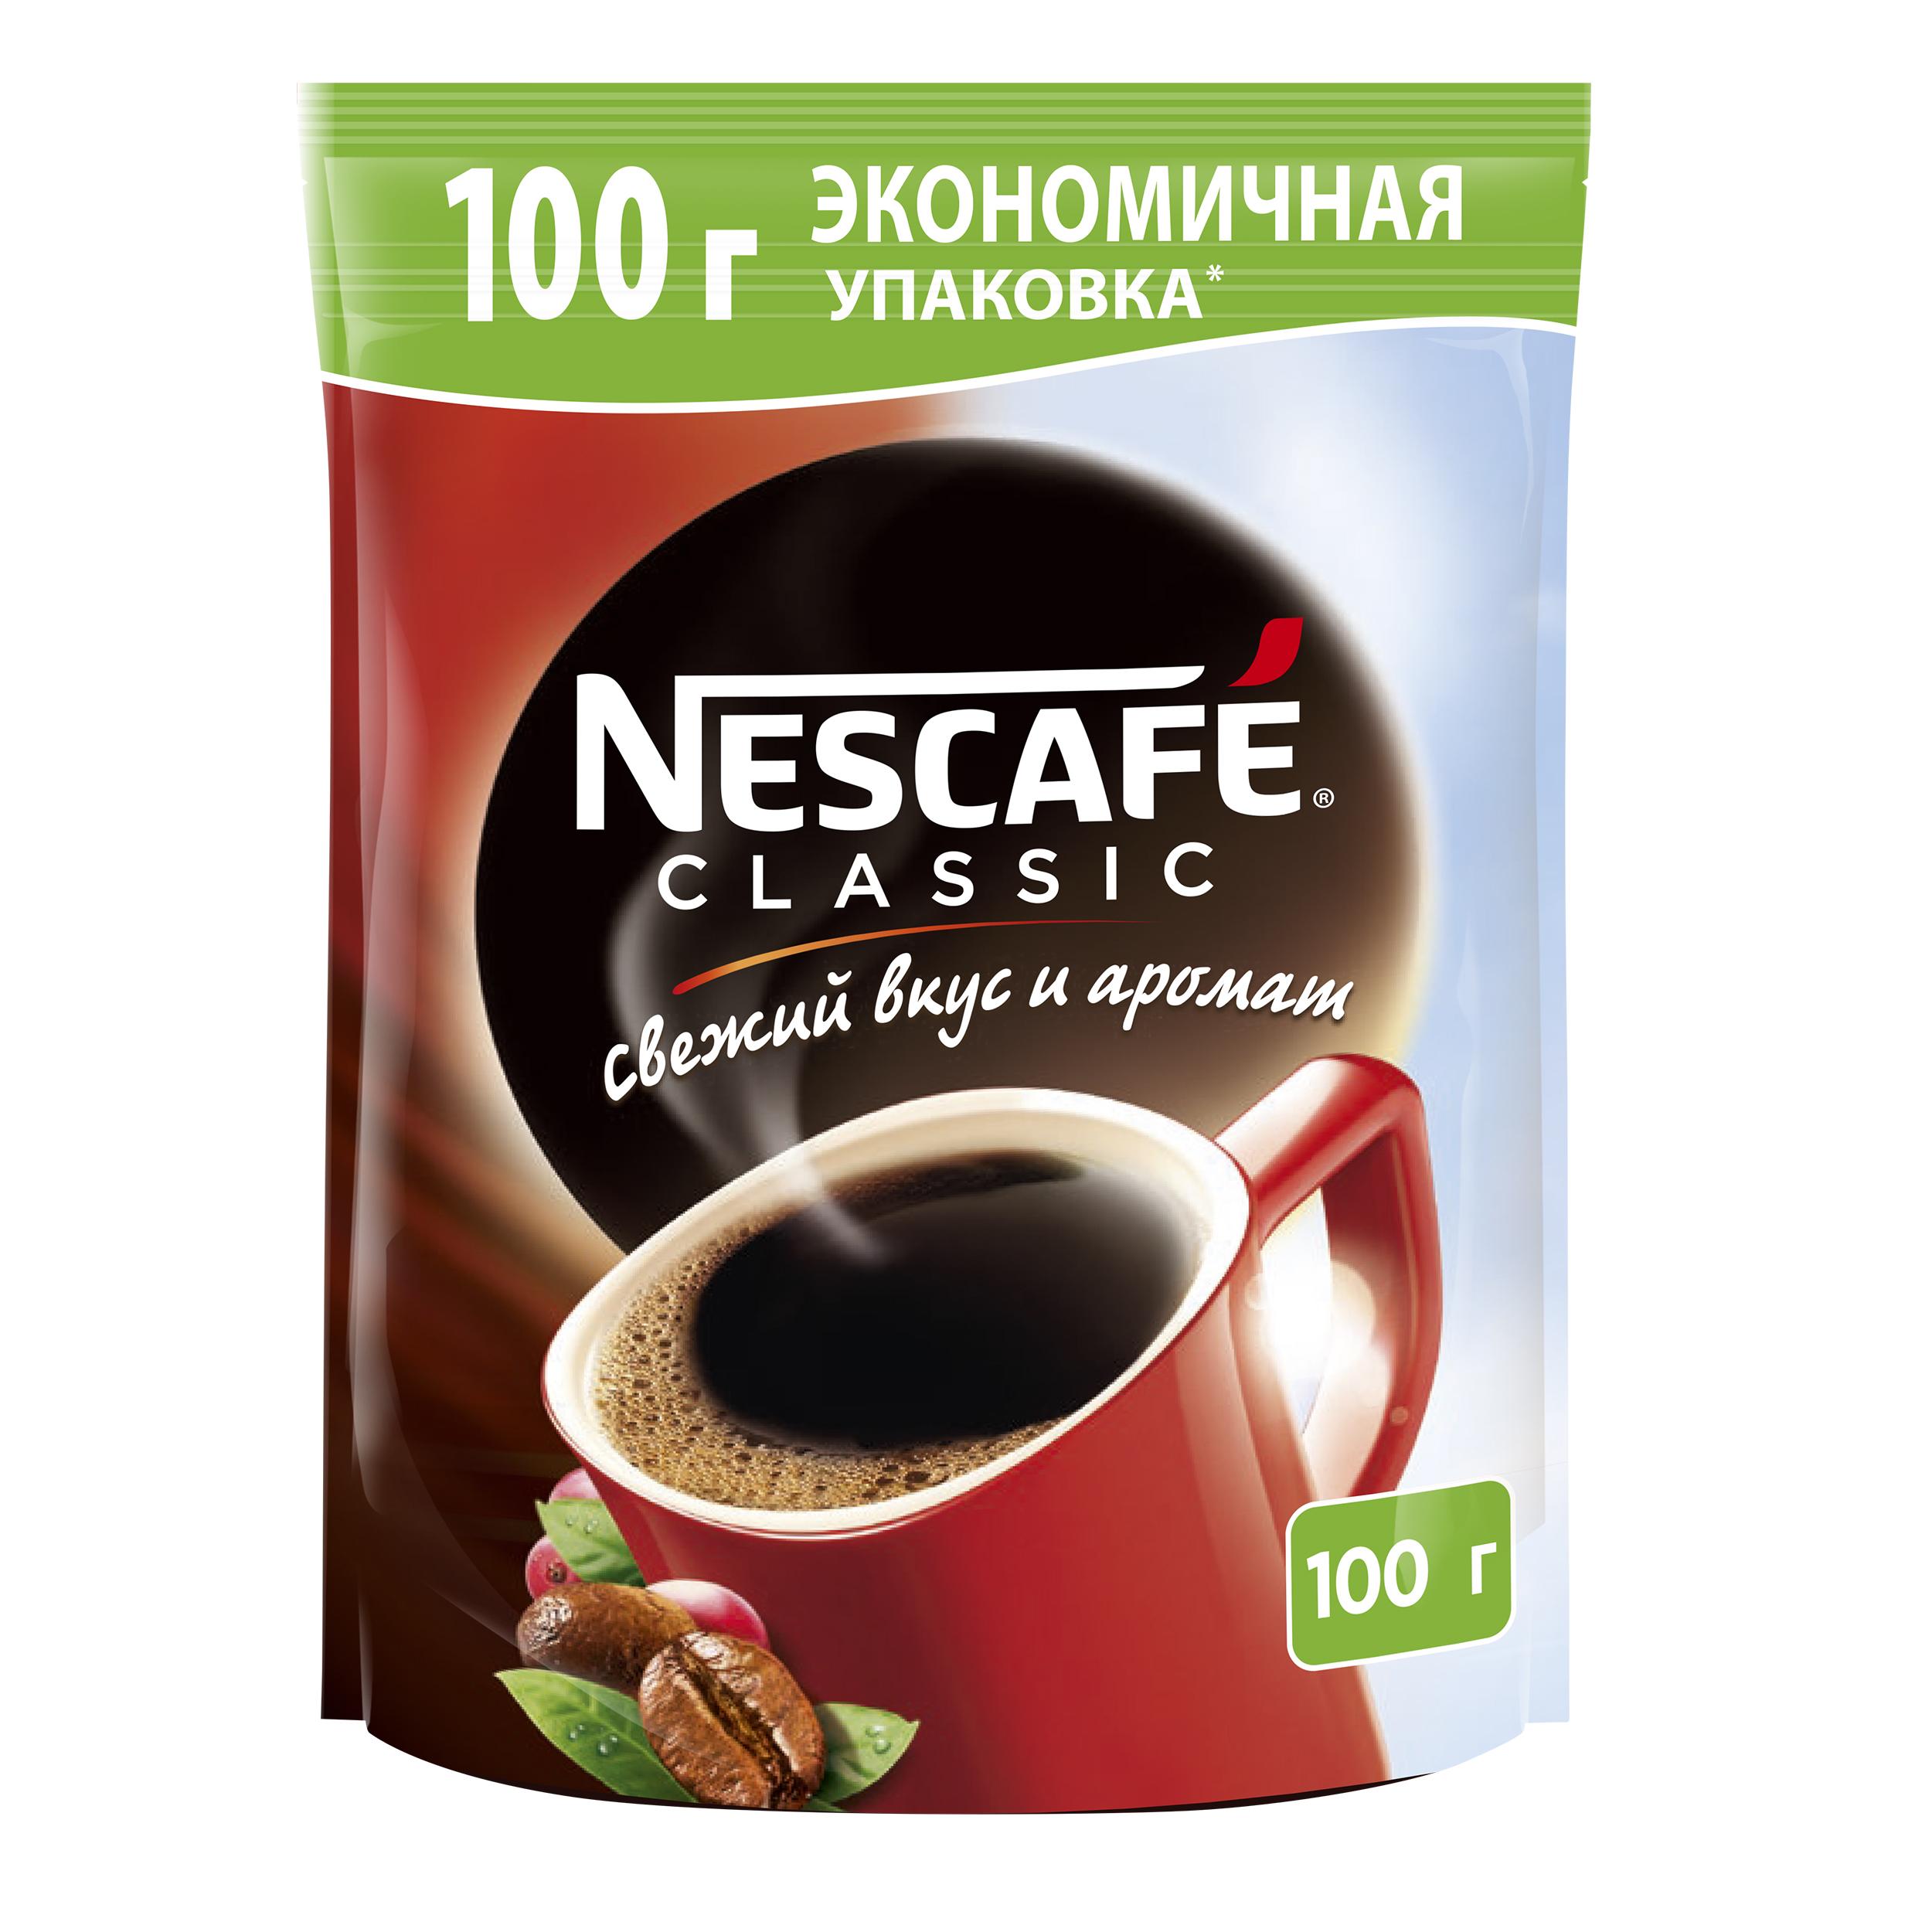 Кофе растворимый Nescafe classic кофе растворимый пакет 100 г фото